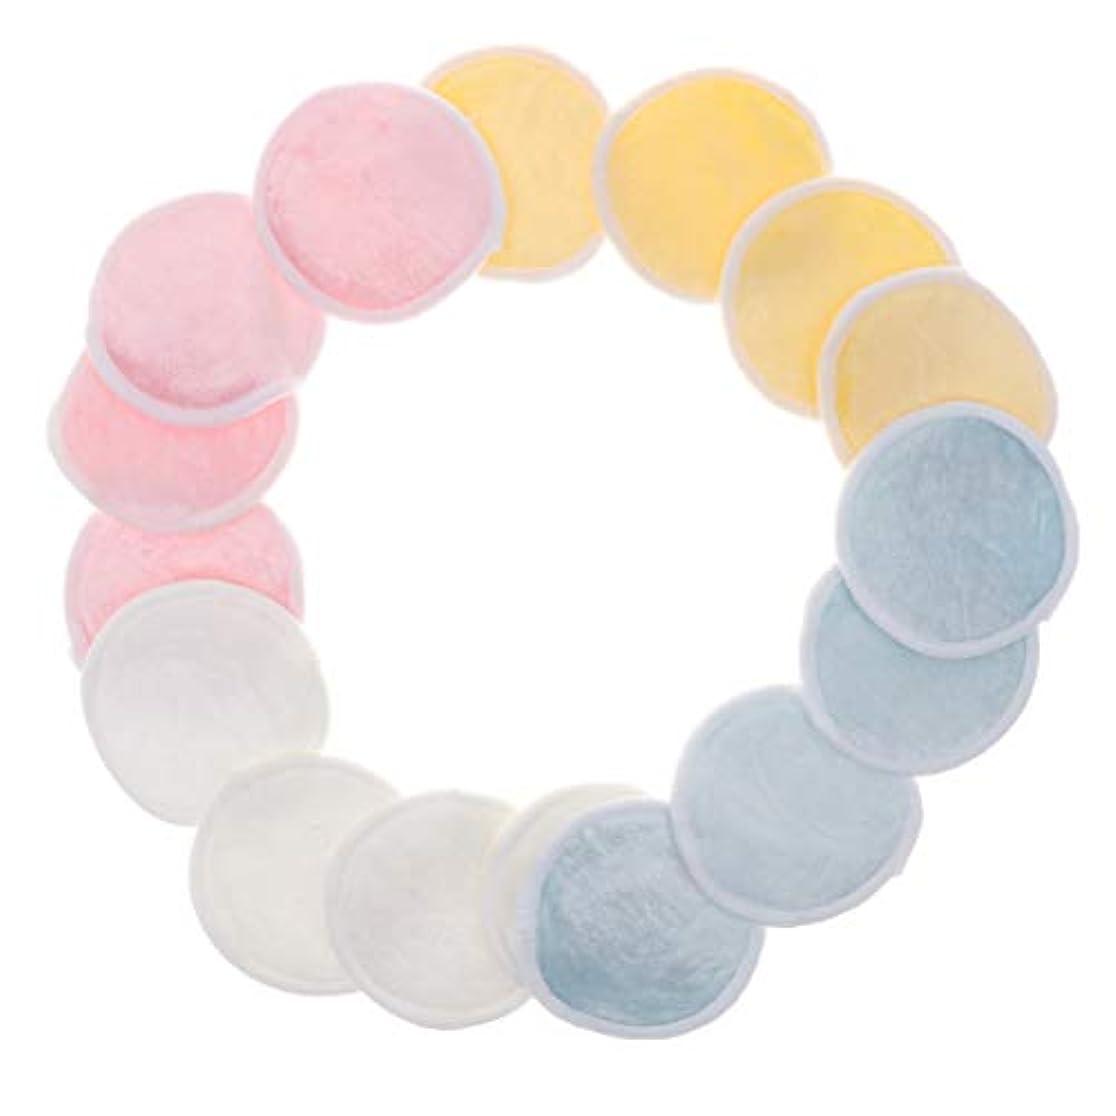 瞑想する海藻ドット化粧落としパッド メイク落としコットン クレンジング 再使用可能 ジッパーメッシュバッグ付 16個入